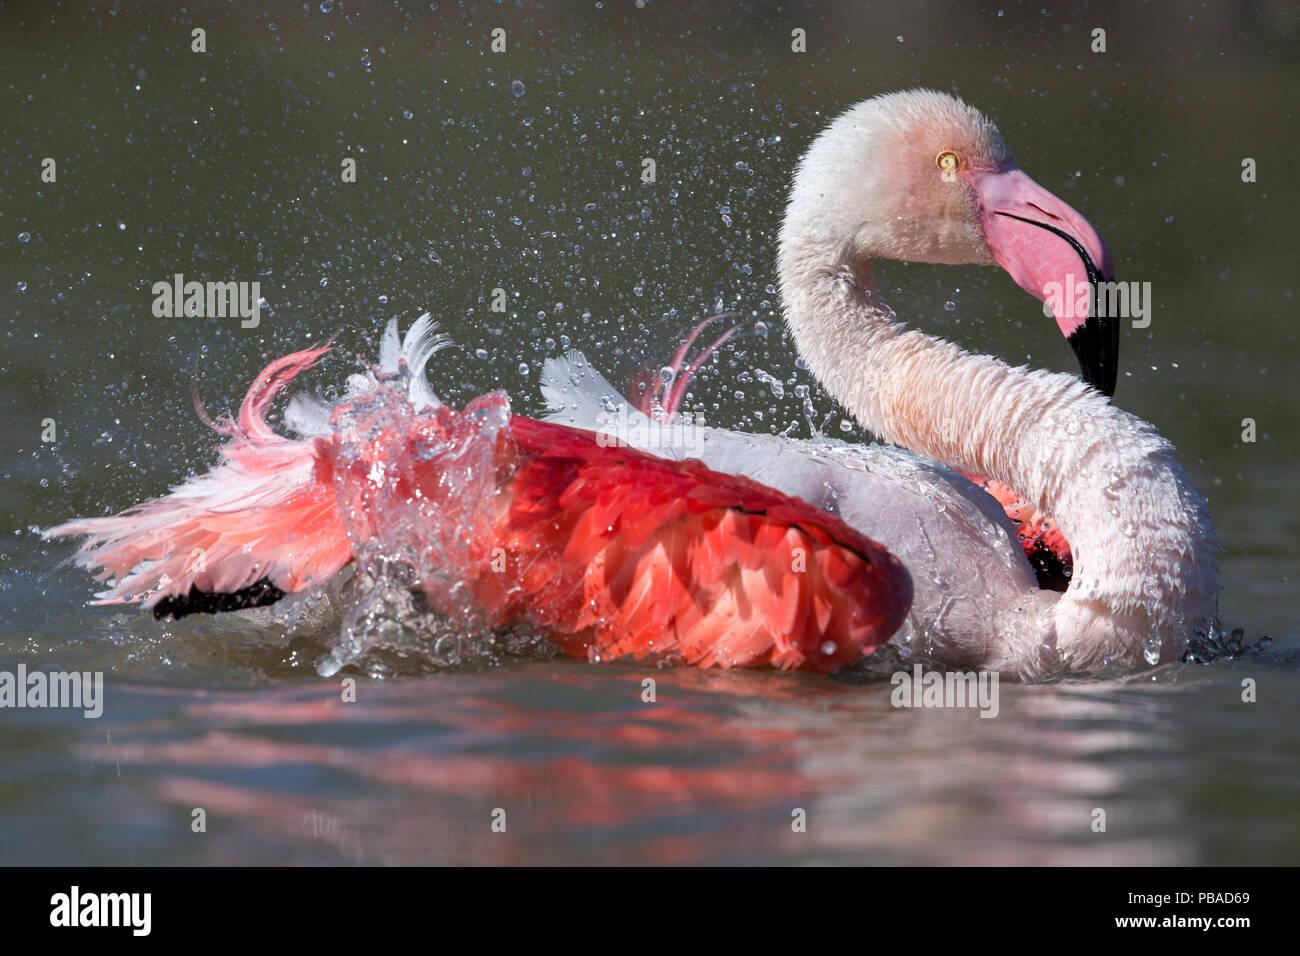 European flamingo (Phoenicopterus roseus) bathing Camargue, France, May. - Stock Image